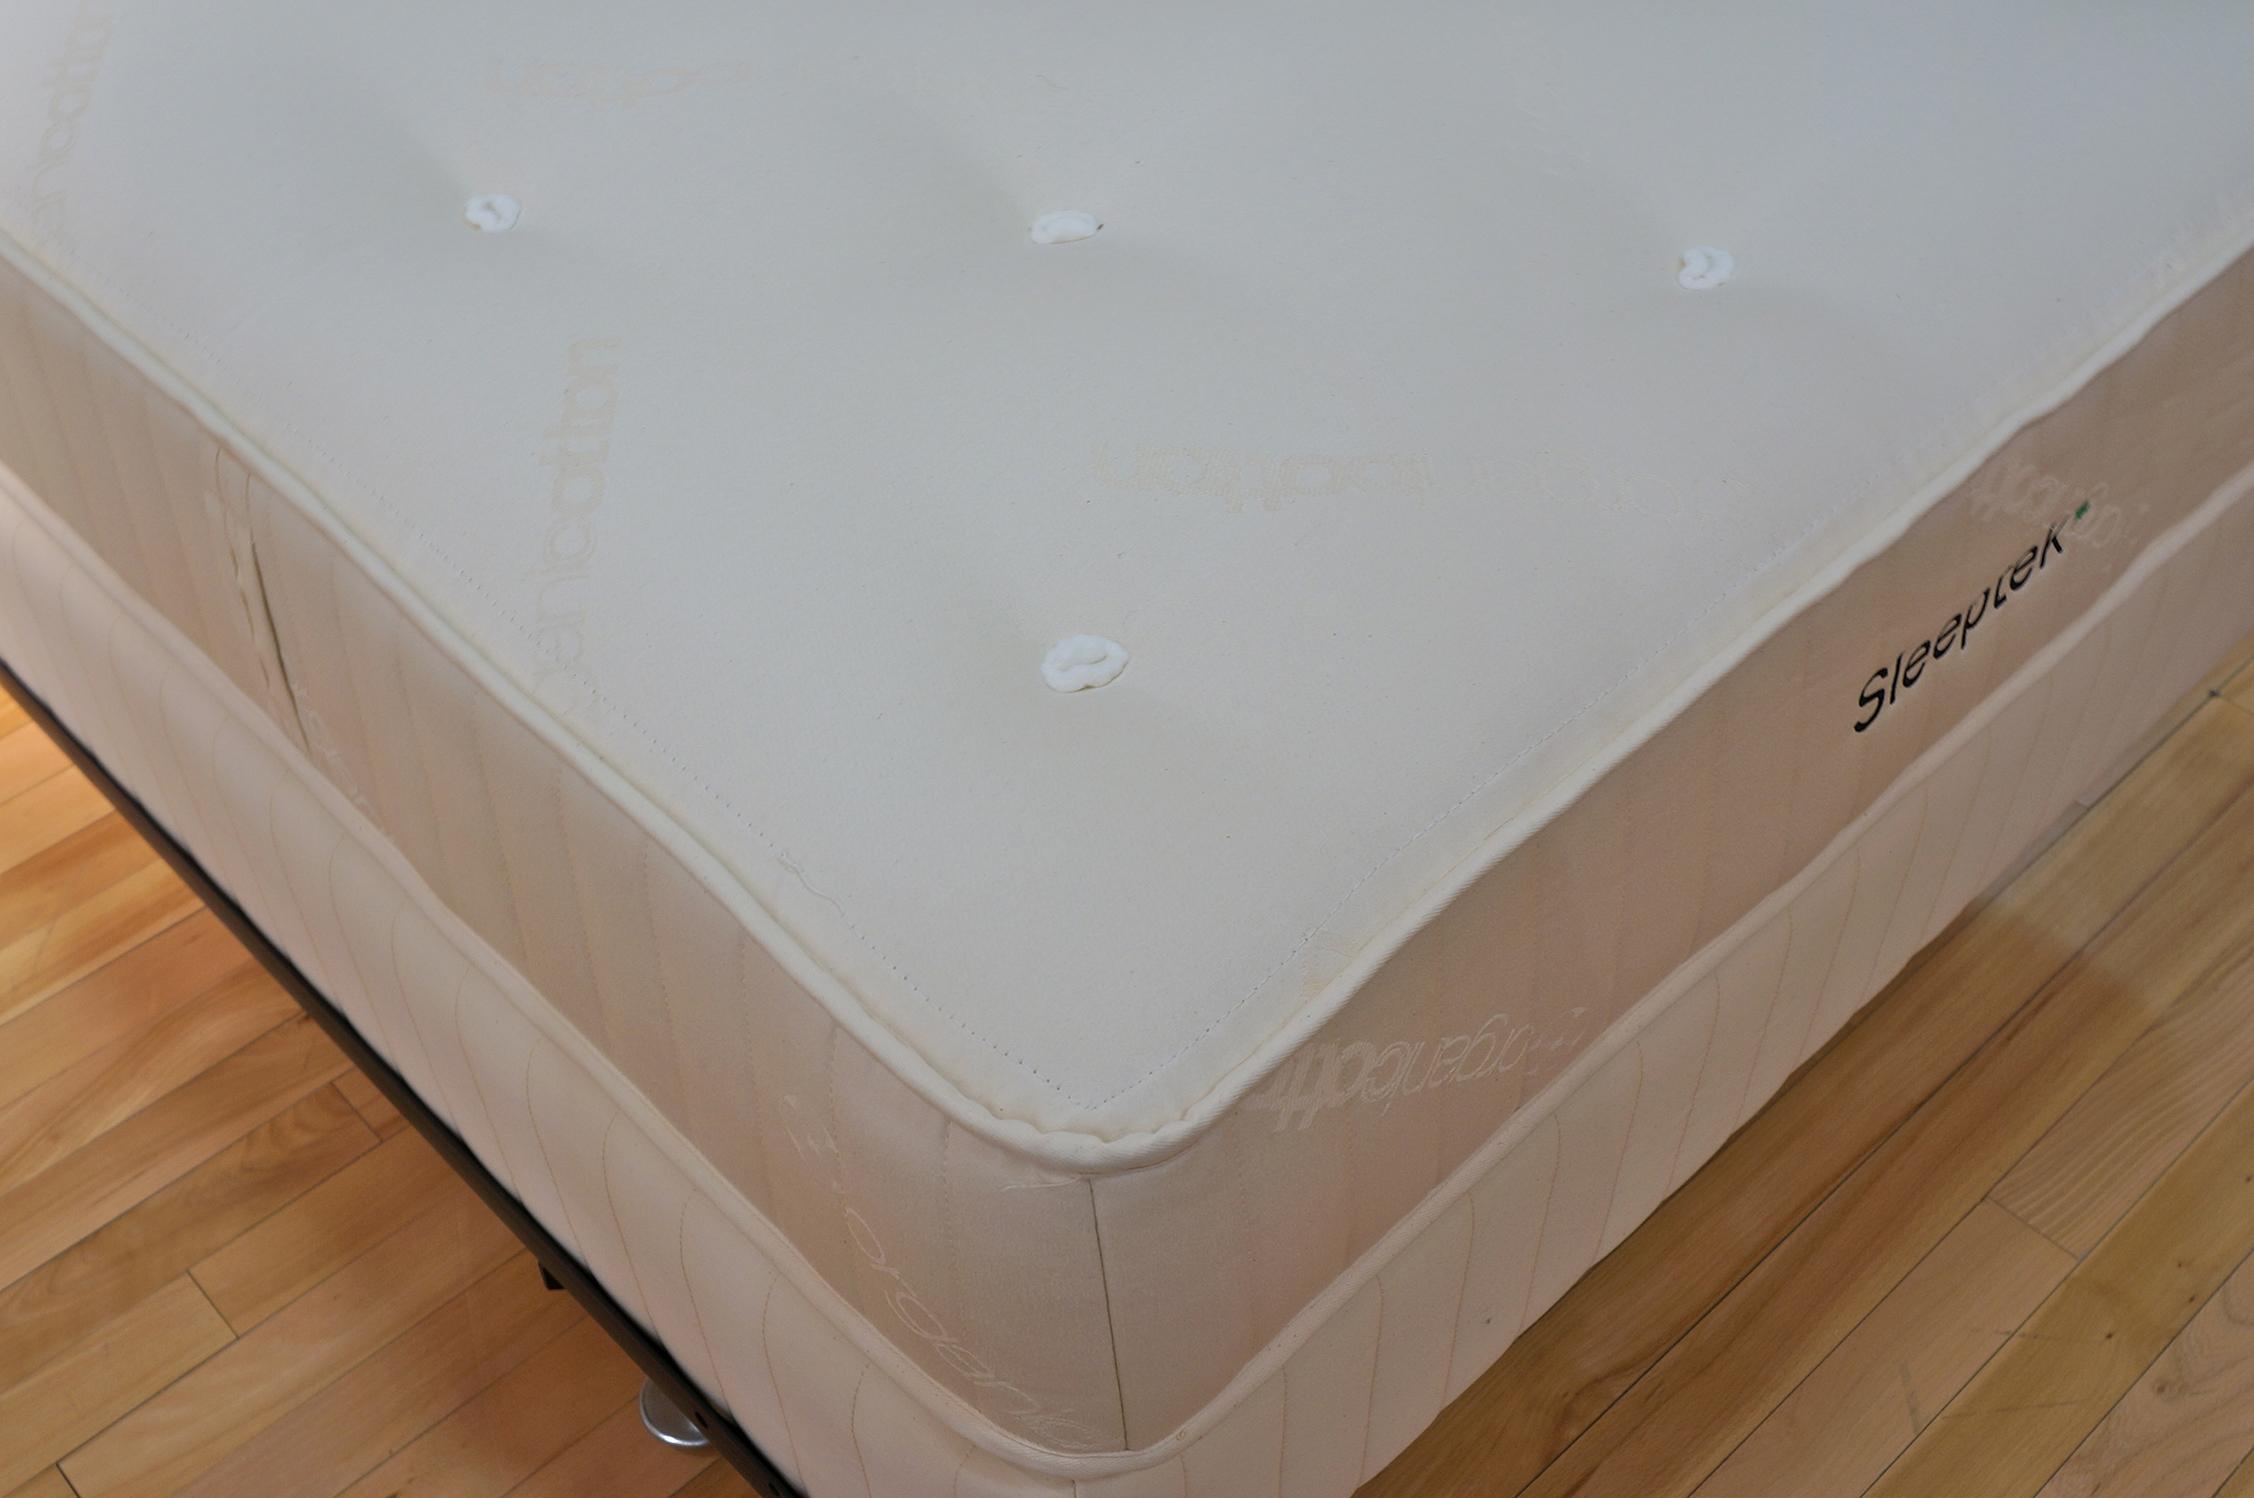 Sleeptek Mattress Reviews | Home Furniture Design Ideas